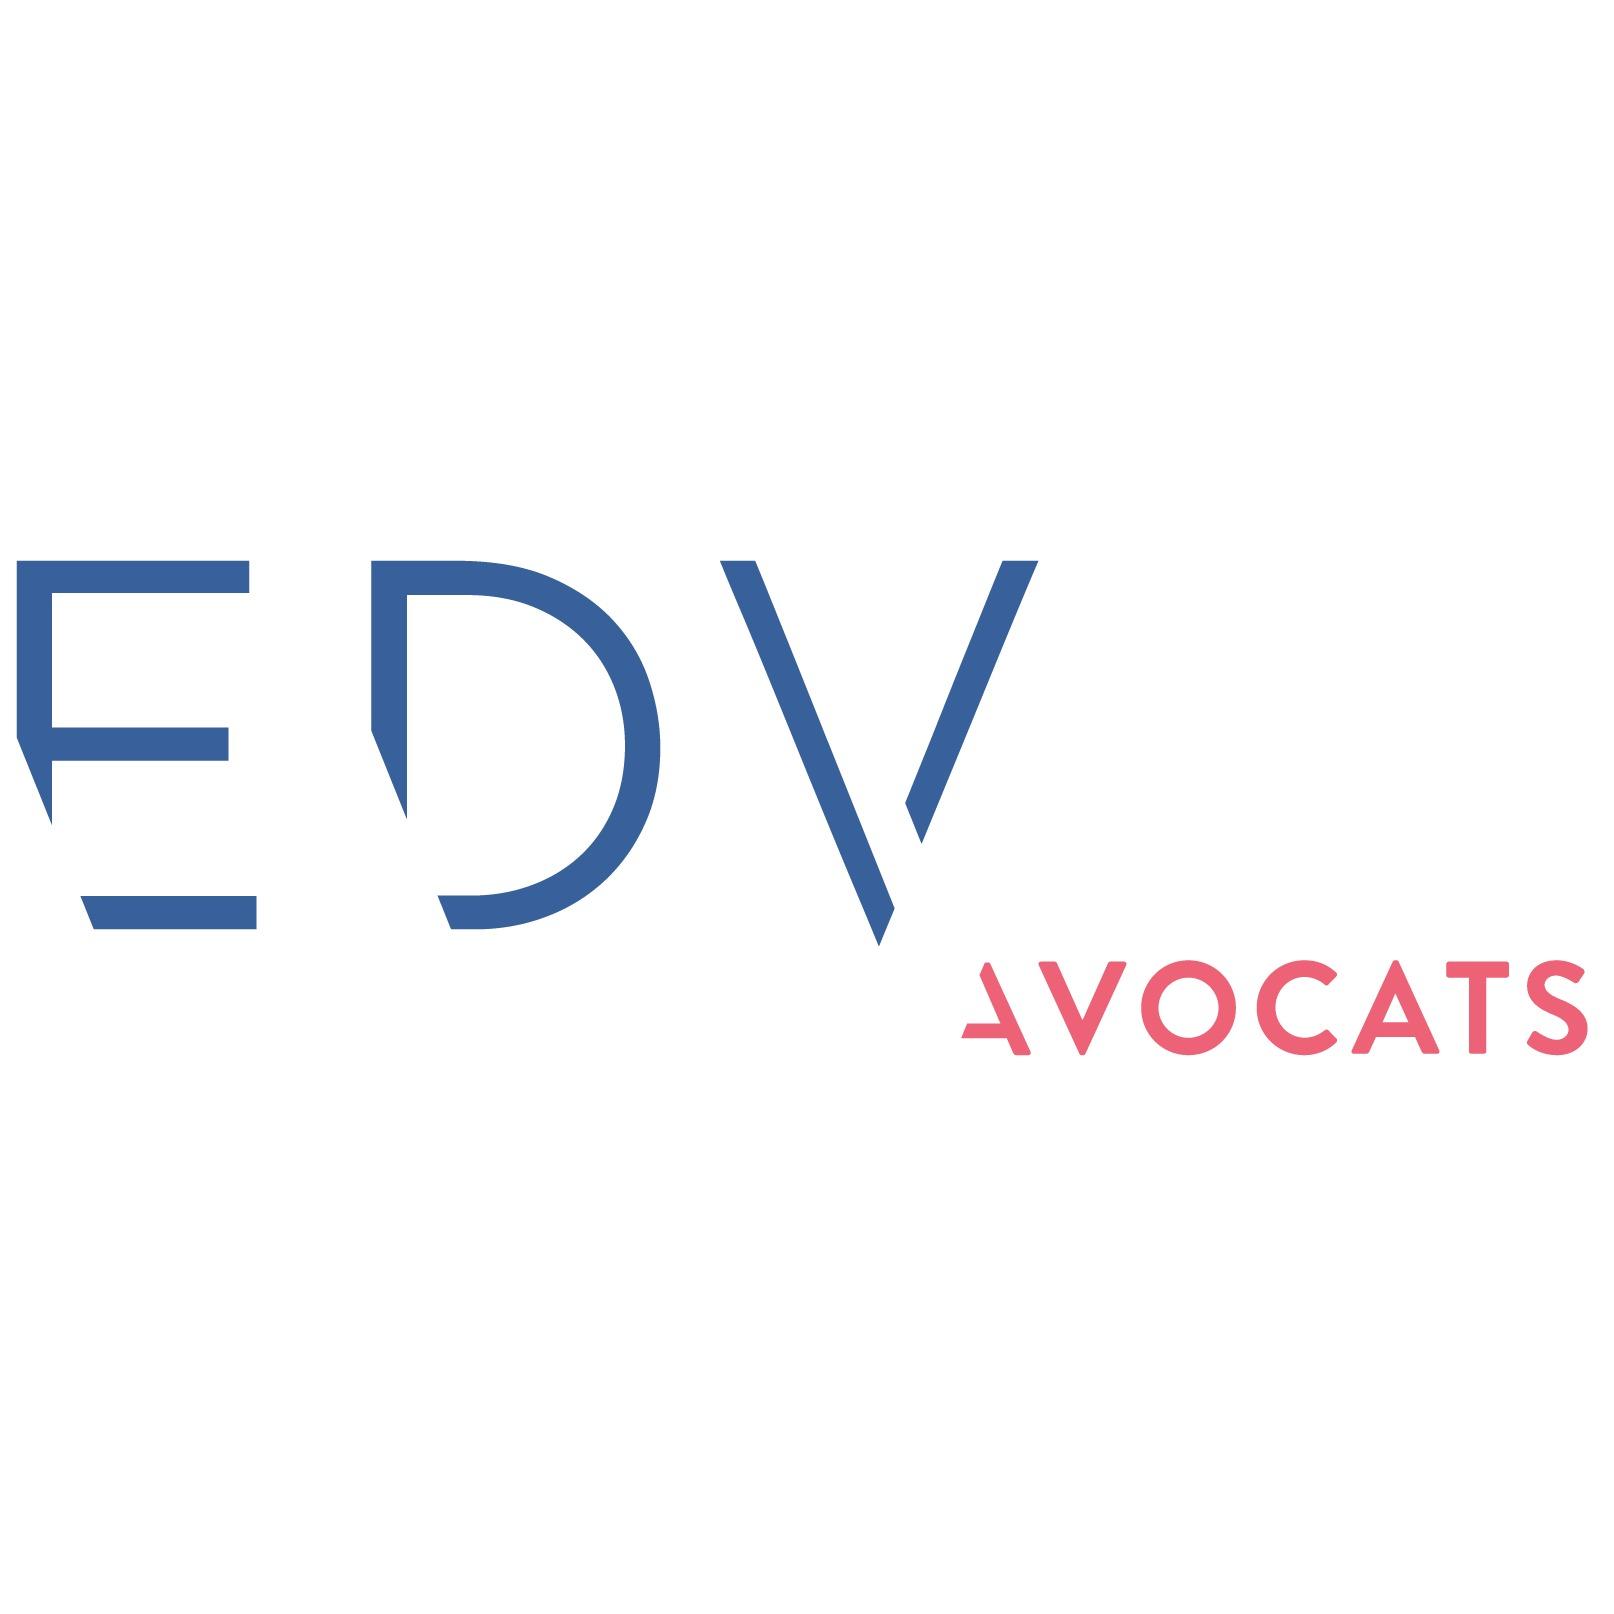 the Edv Avocats logo.